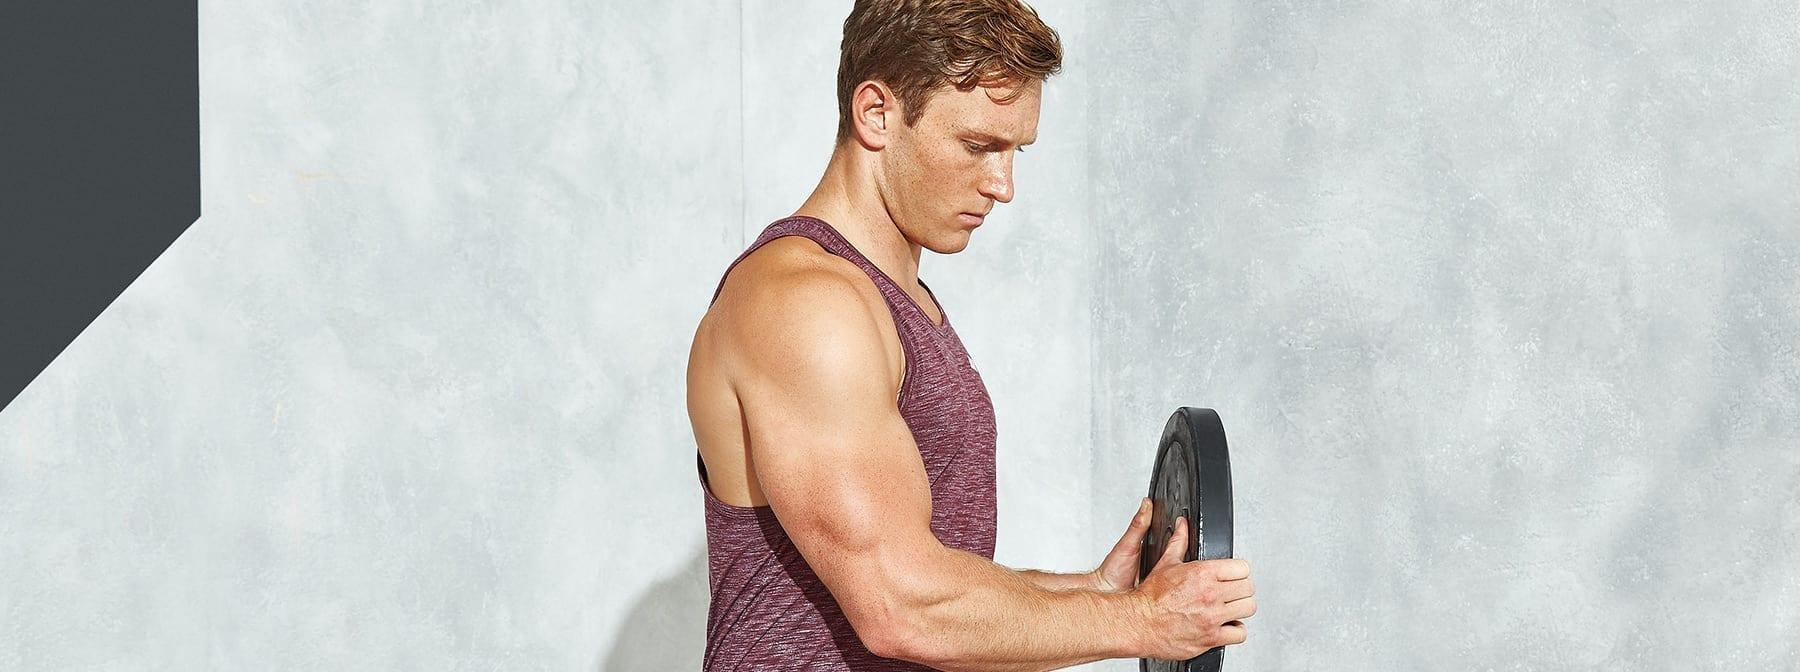 Die 6 besten Bizeps & Trizeps Übungen für mehr Masse